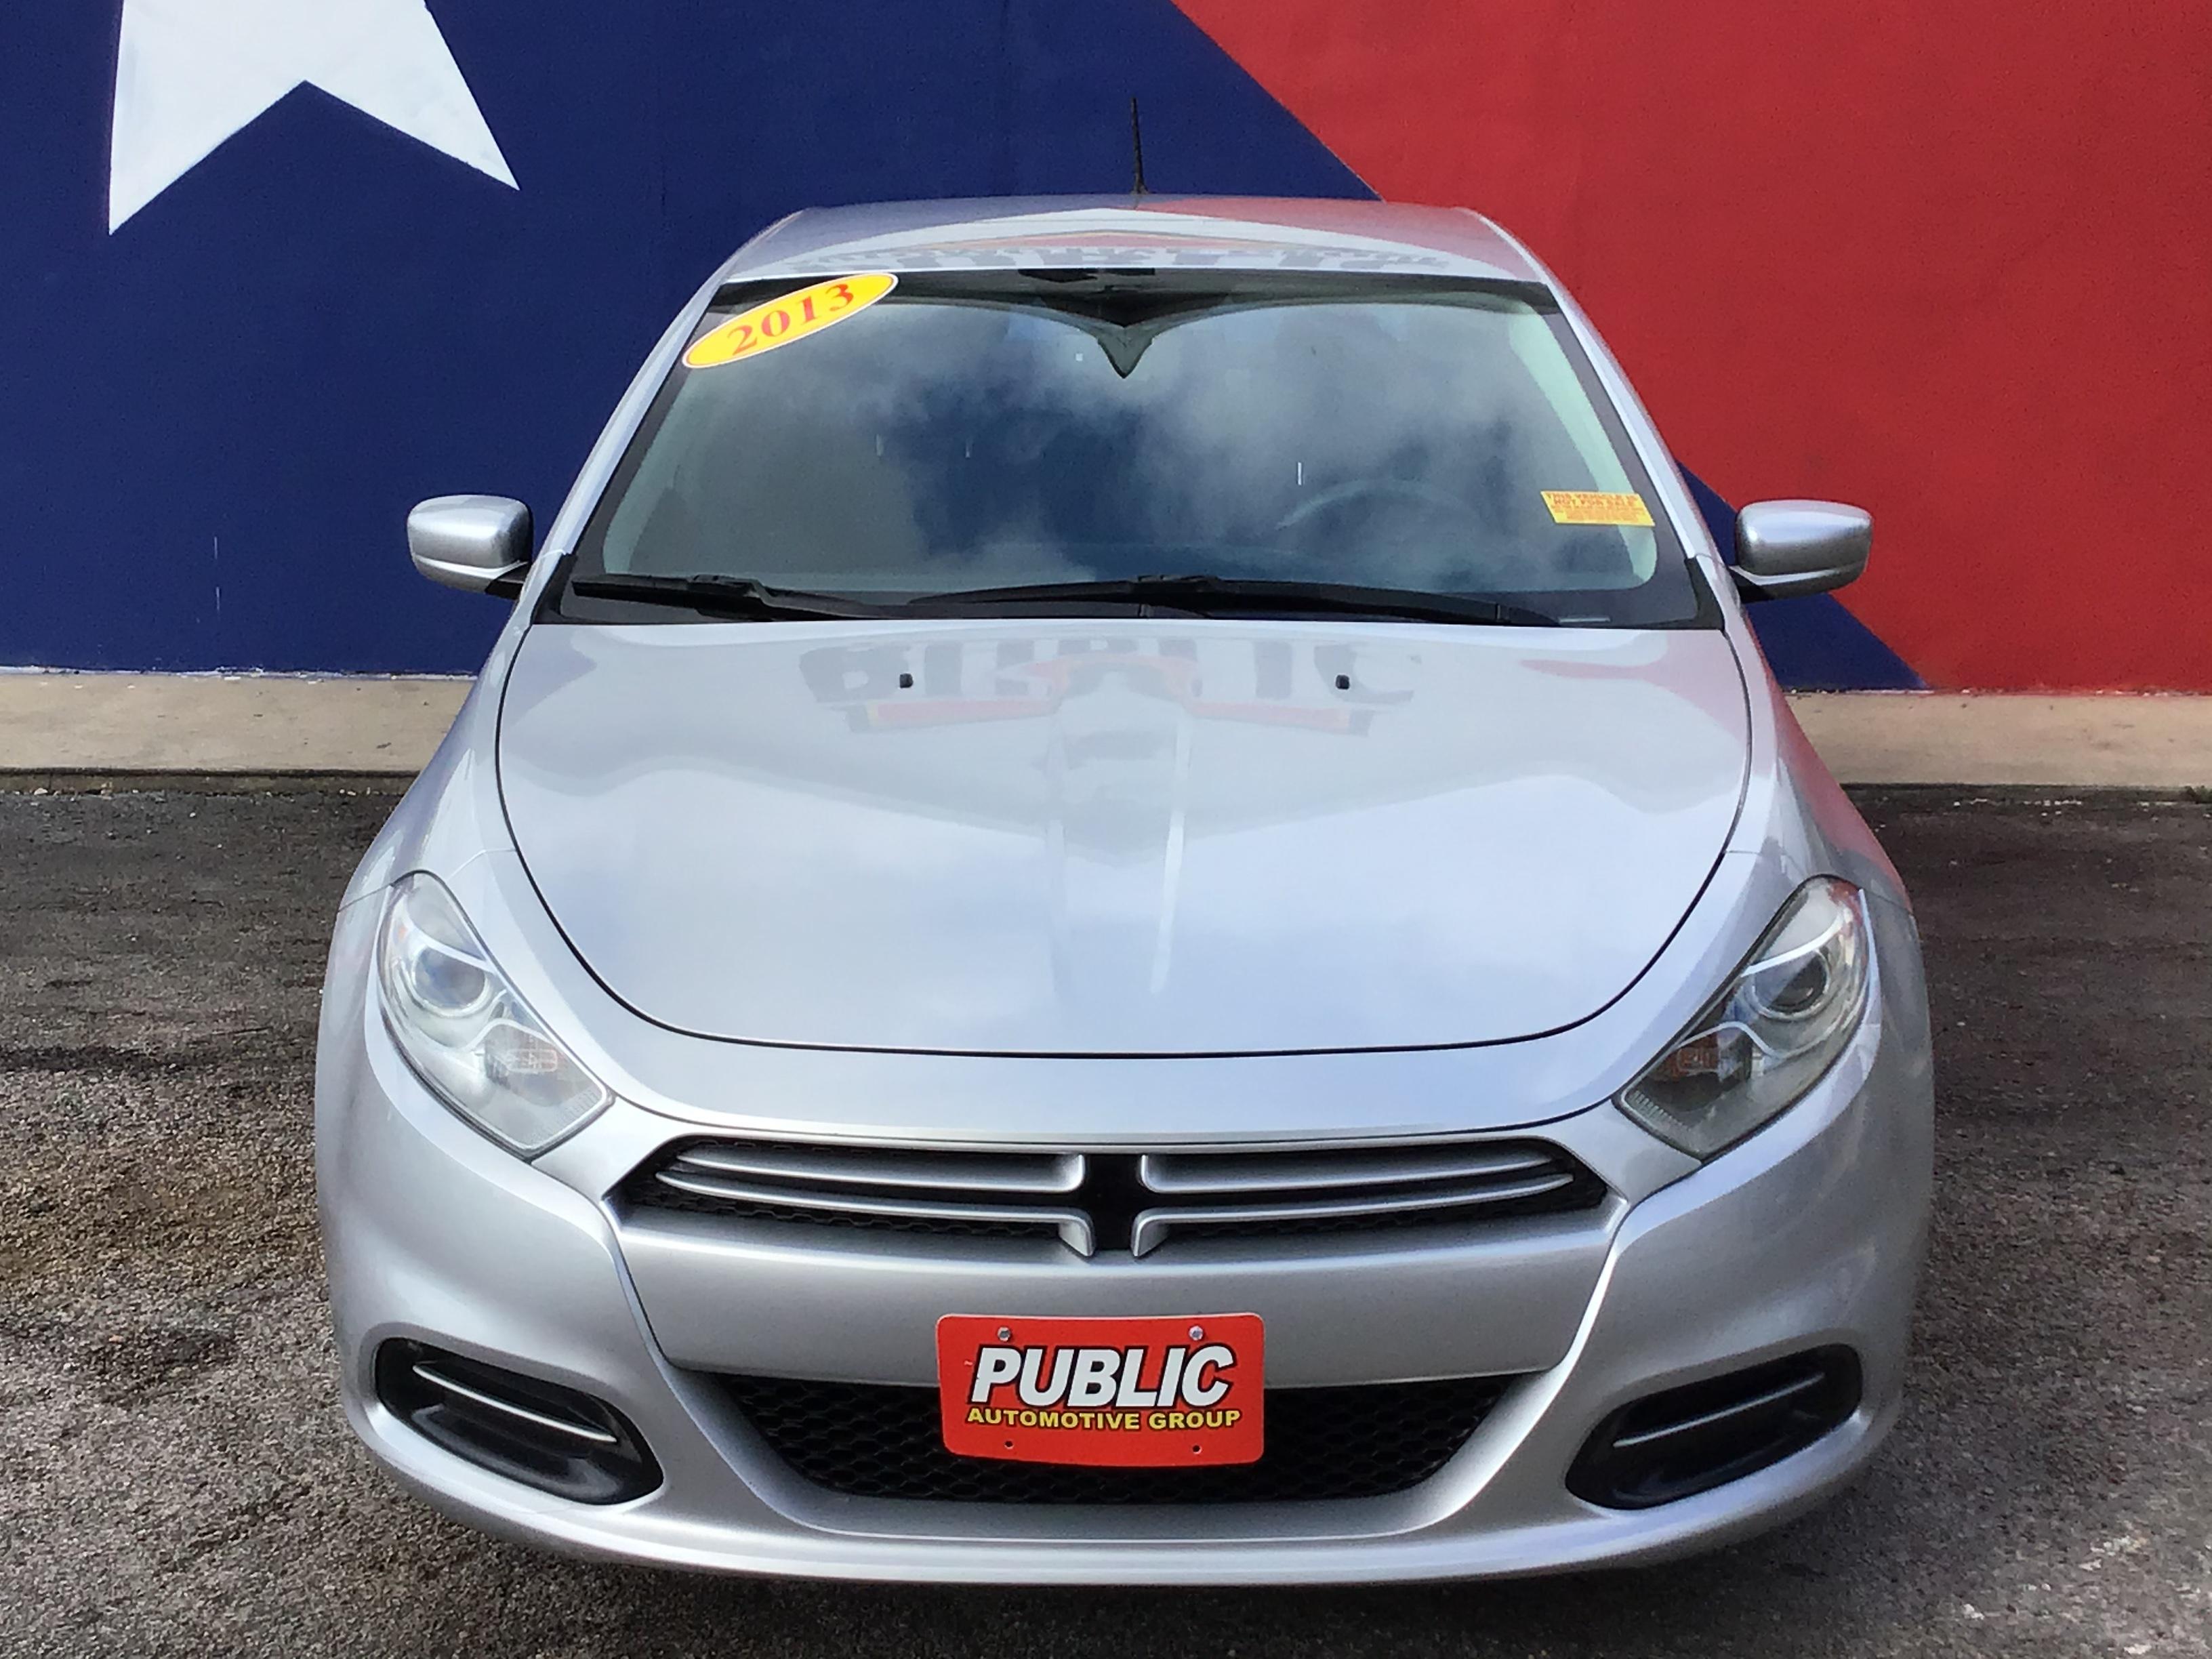 used vehicle - Sedan DODGE DART 2013